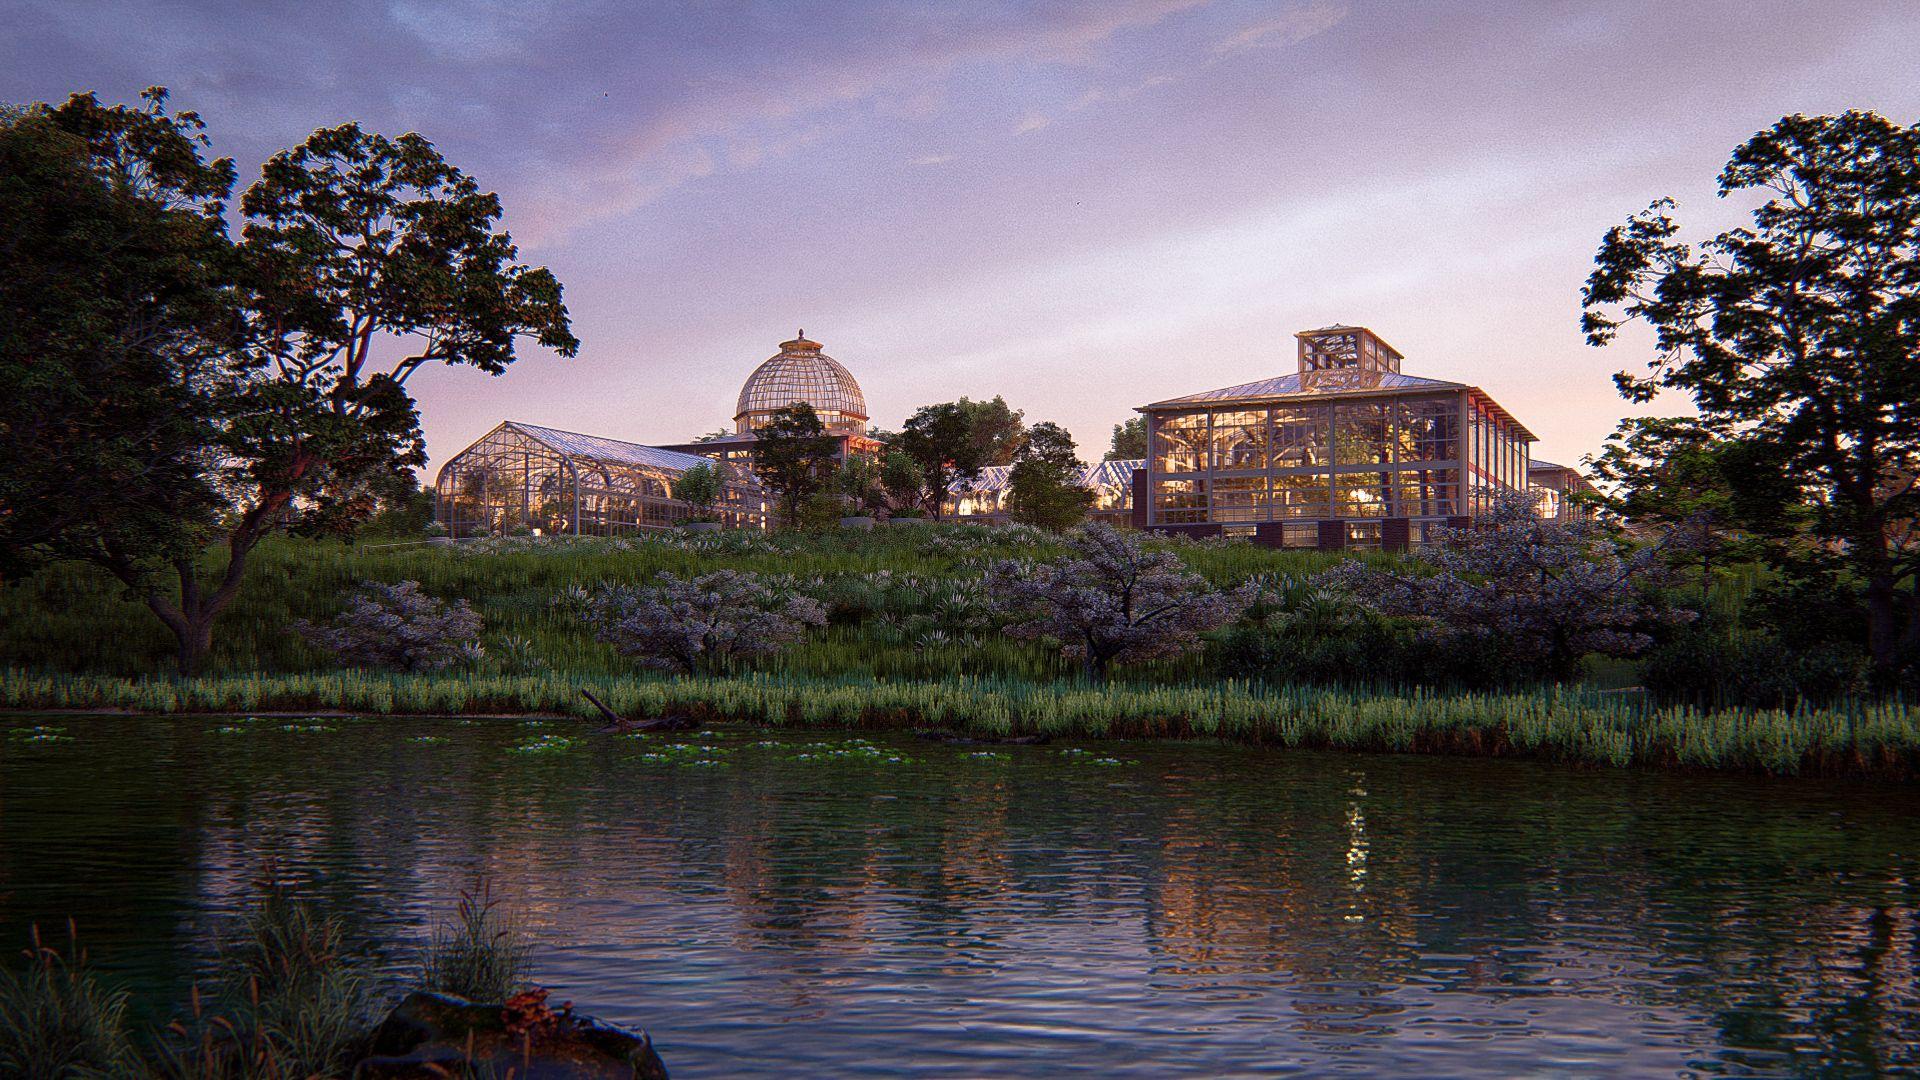 ewis Ginter Botanical Gardens in Richmond, VA in 2020